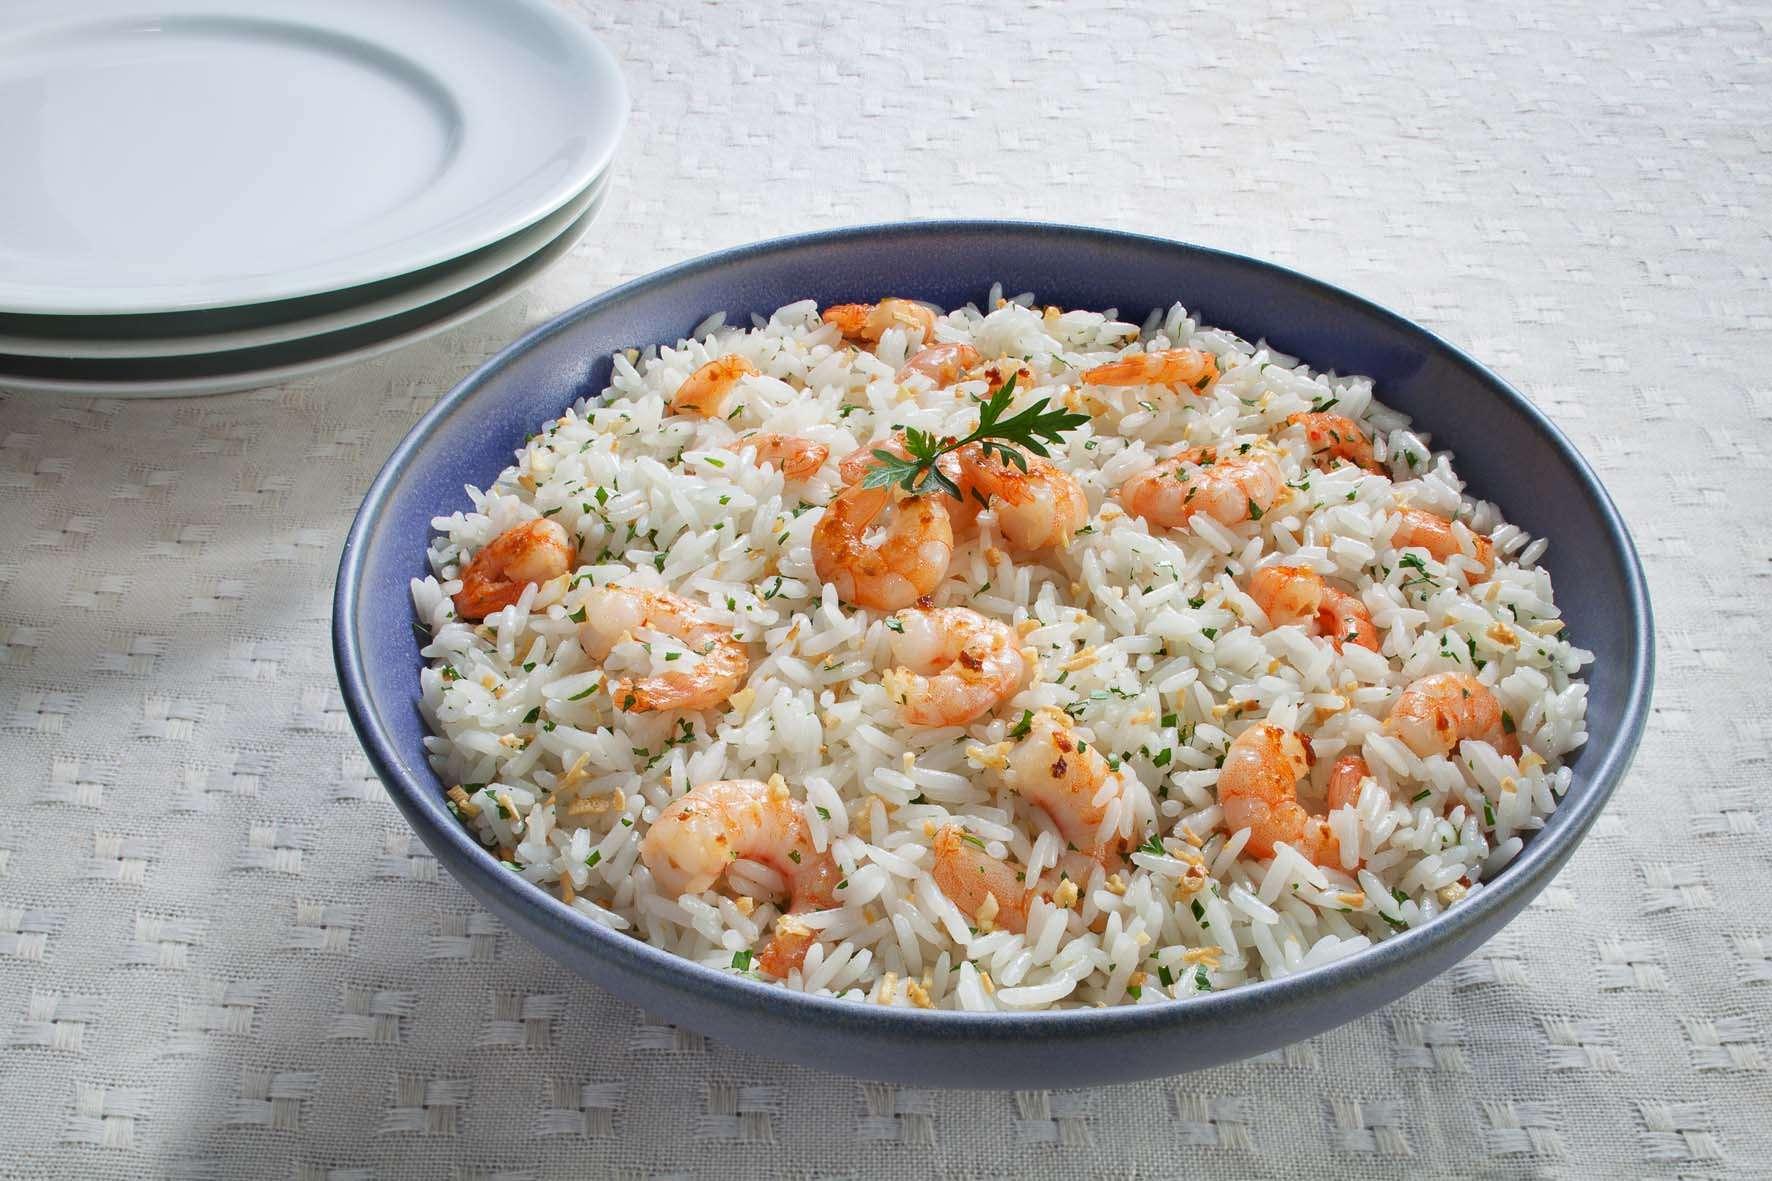 Receita de Arroz com camarão e alho para Almoço Barato